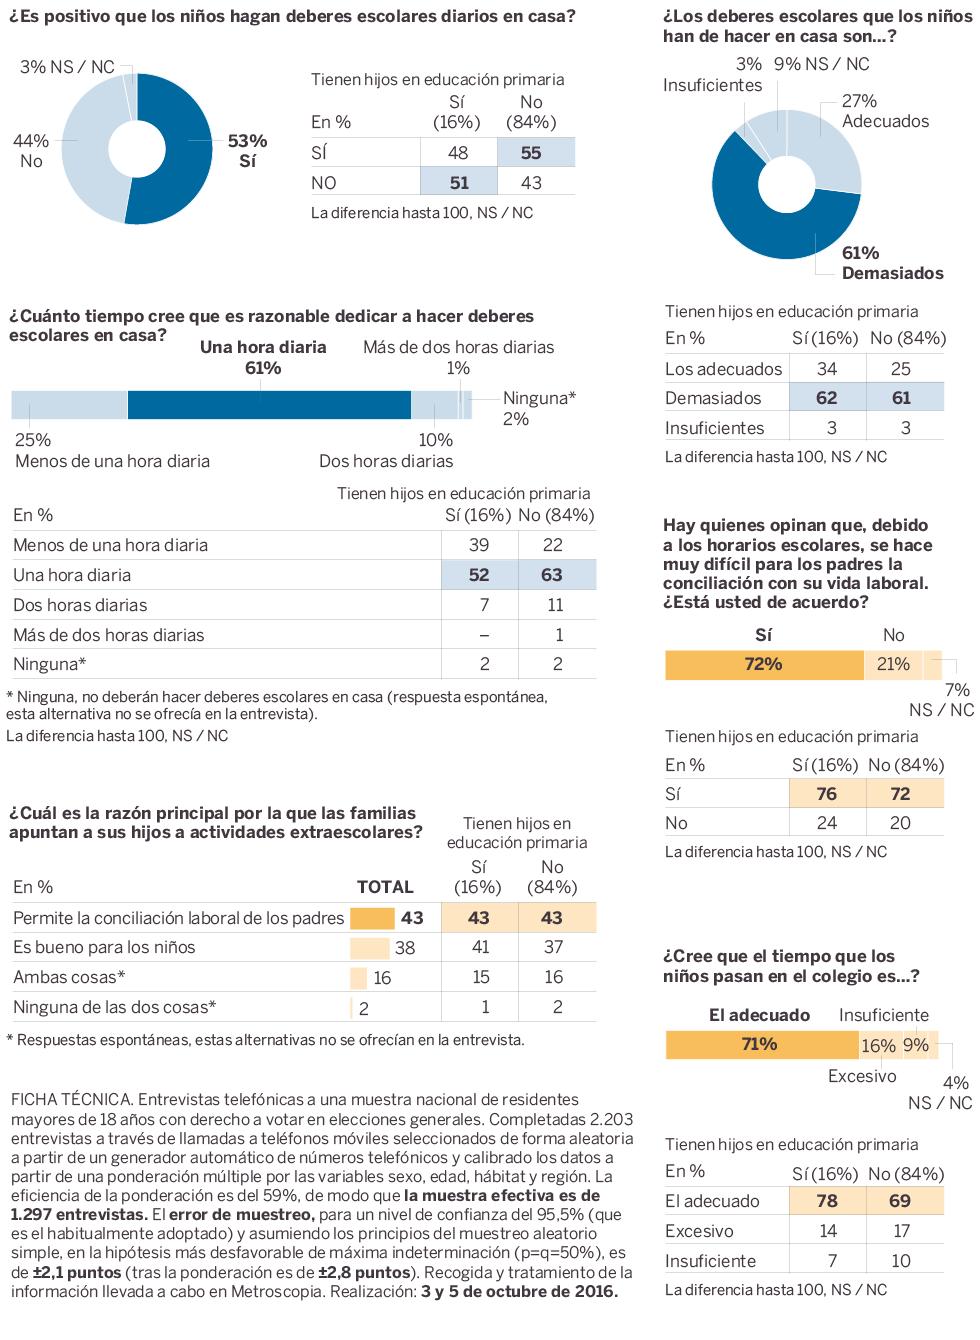 Los deberes que los niños han de hacer en casa son demasiados para el 61%  de los encuestados